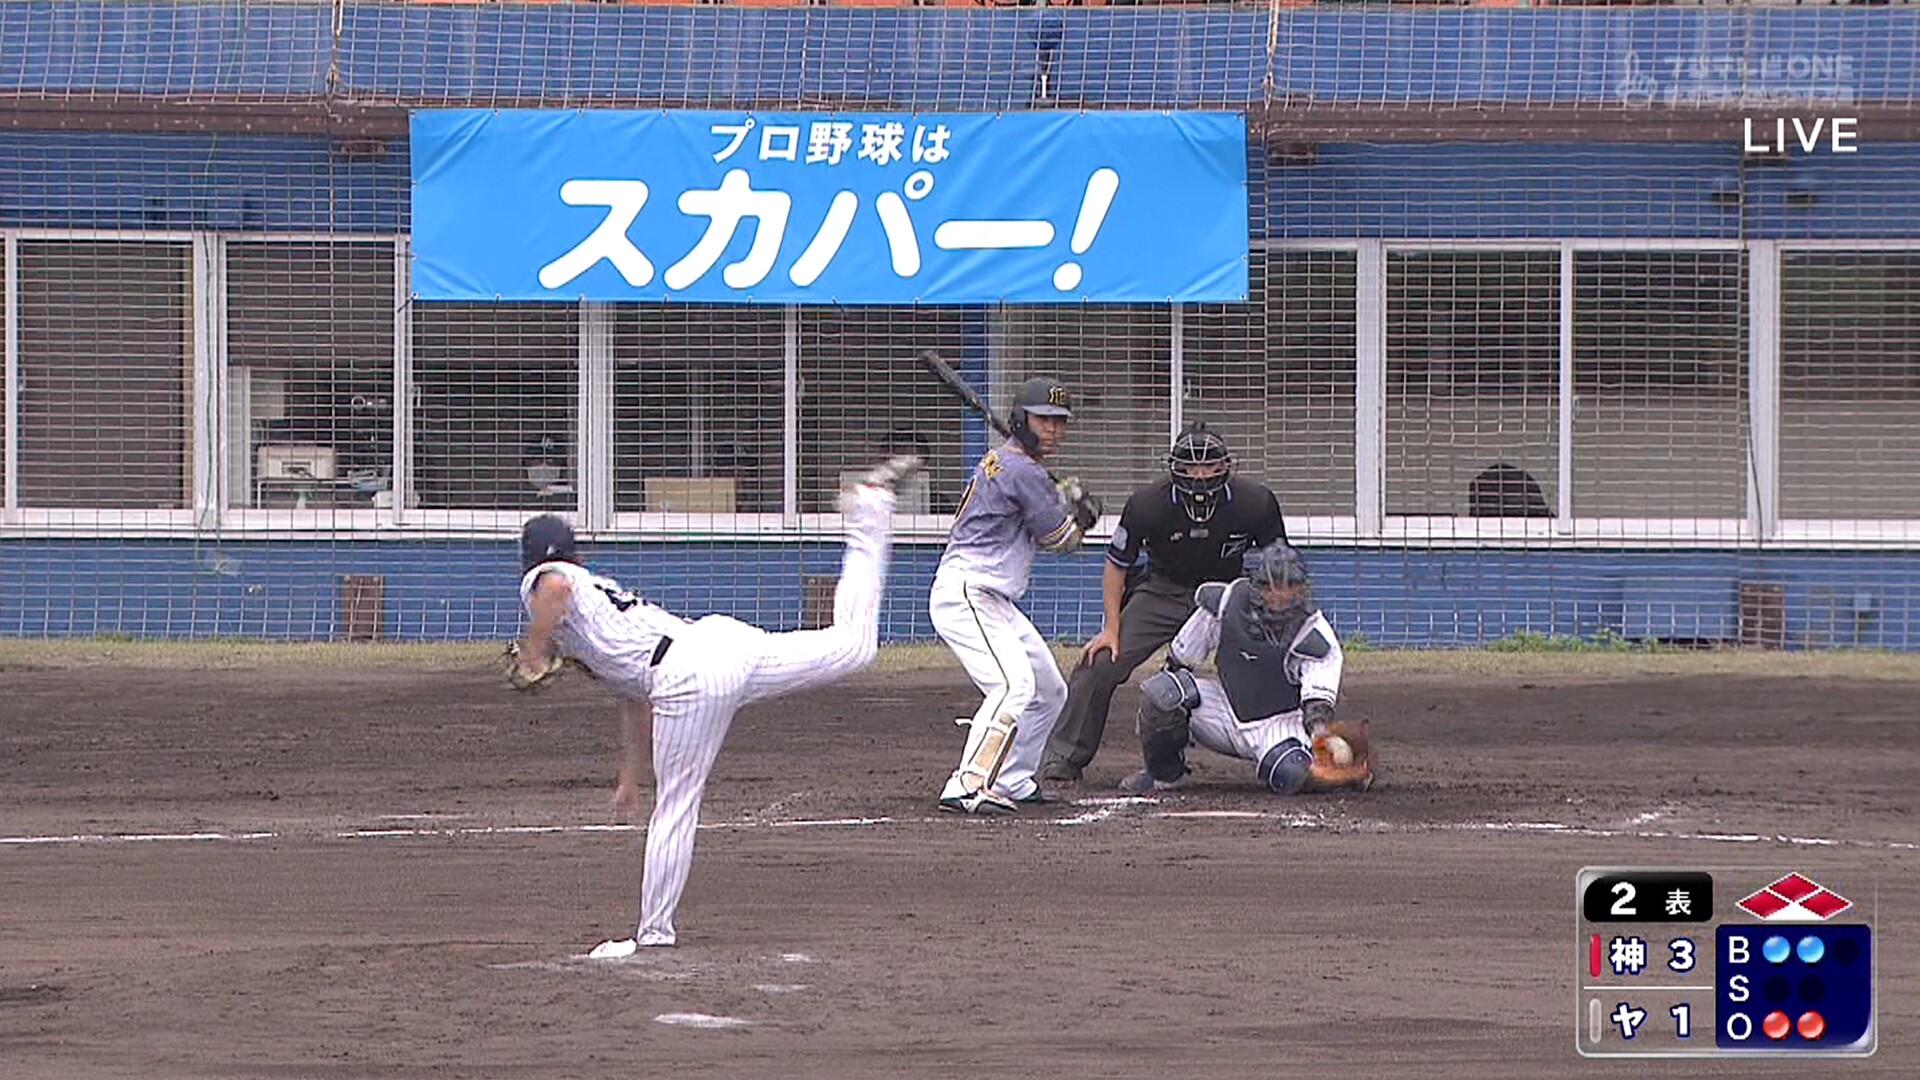 ヤクルト・ドラ1木澤、2回3失点 被安打5 四球4